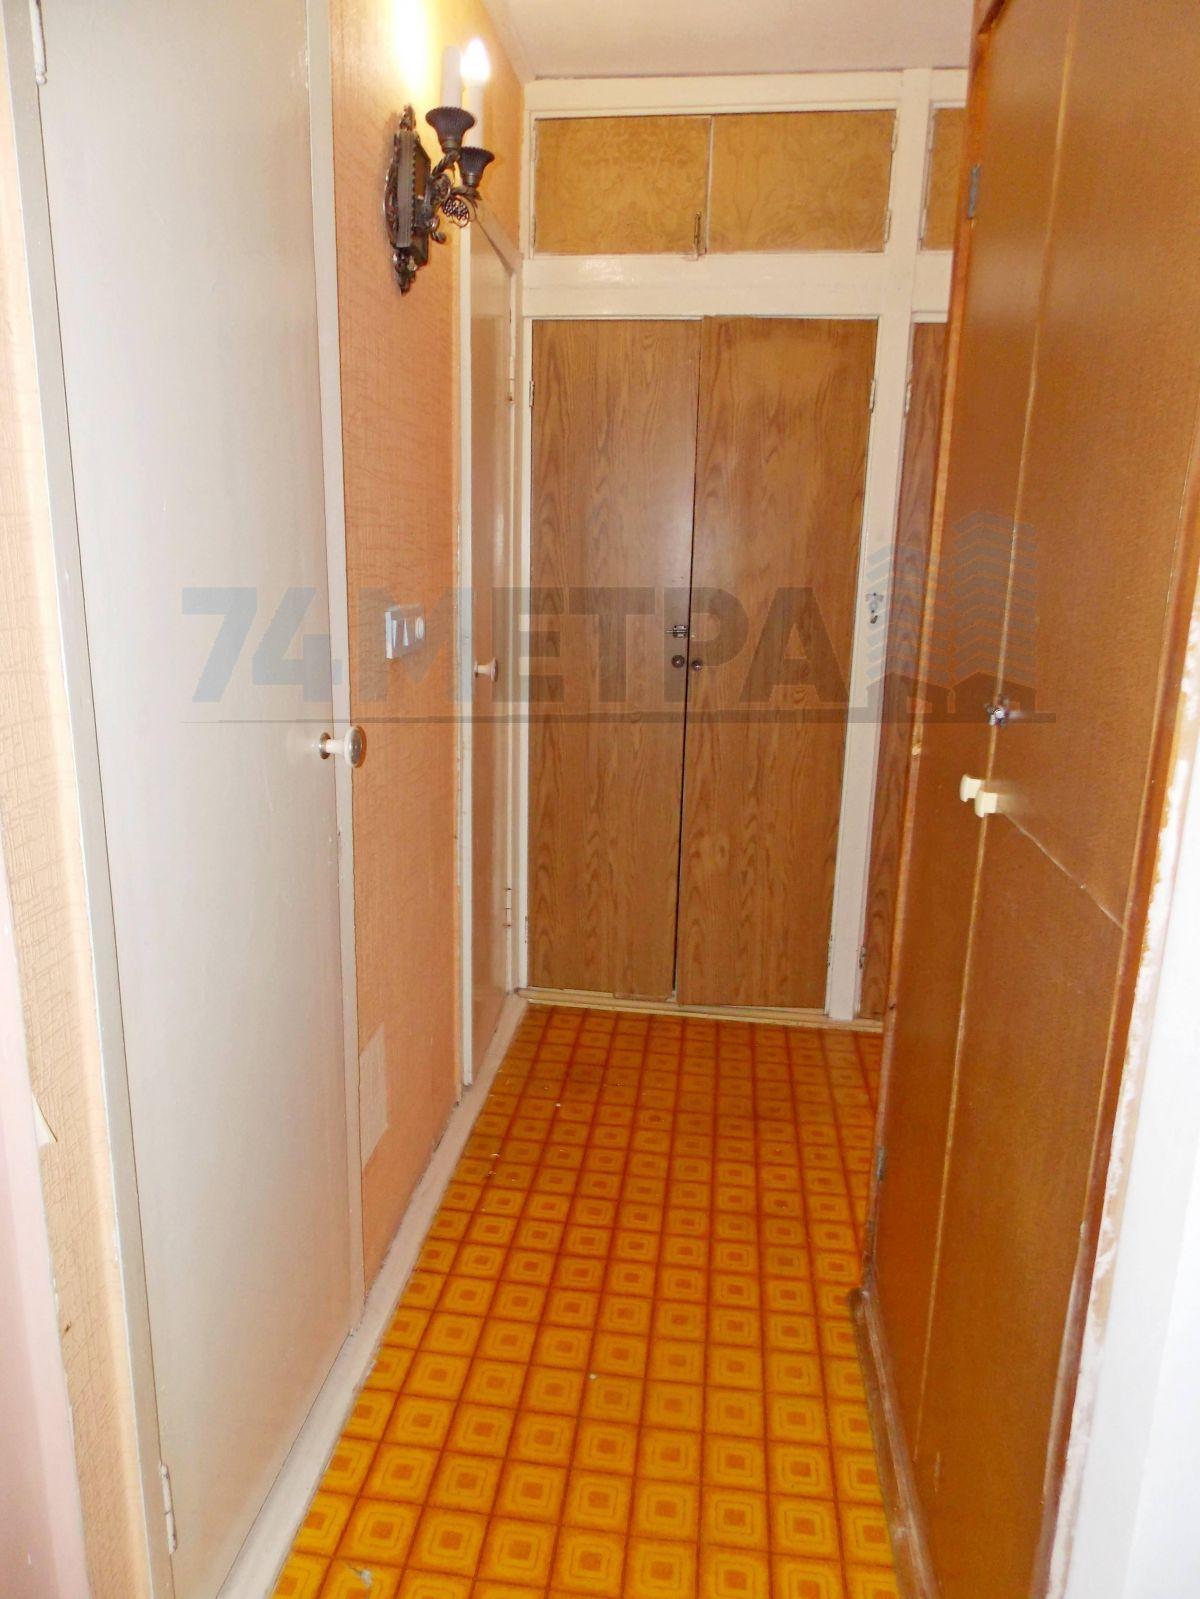 12 000 ₽, 2 - комнатная квартира, площадь 54 м², этаж 6/10